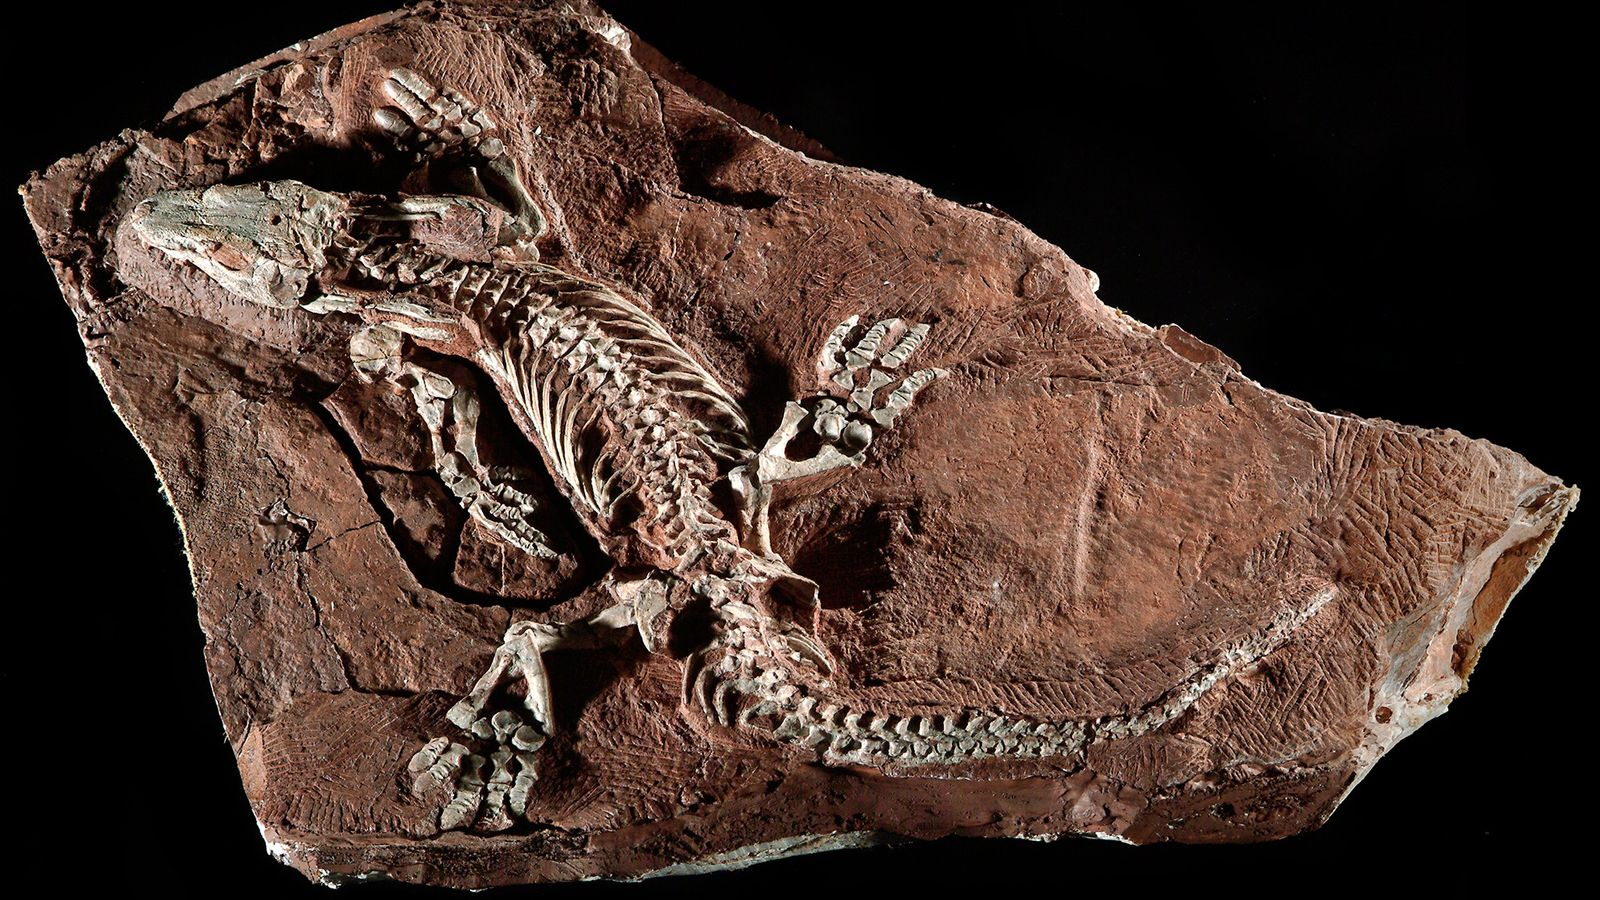 Ce fossile étonnamment complet d'un Orobates pabsti a été mis au jour en Allemagne.